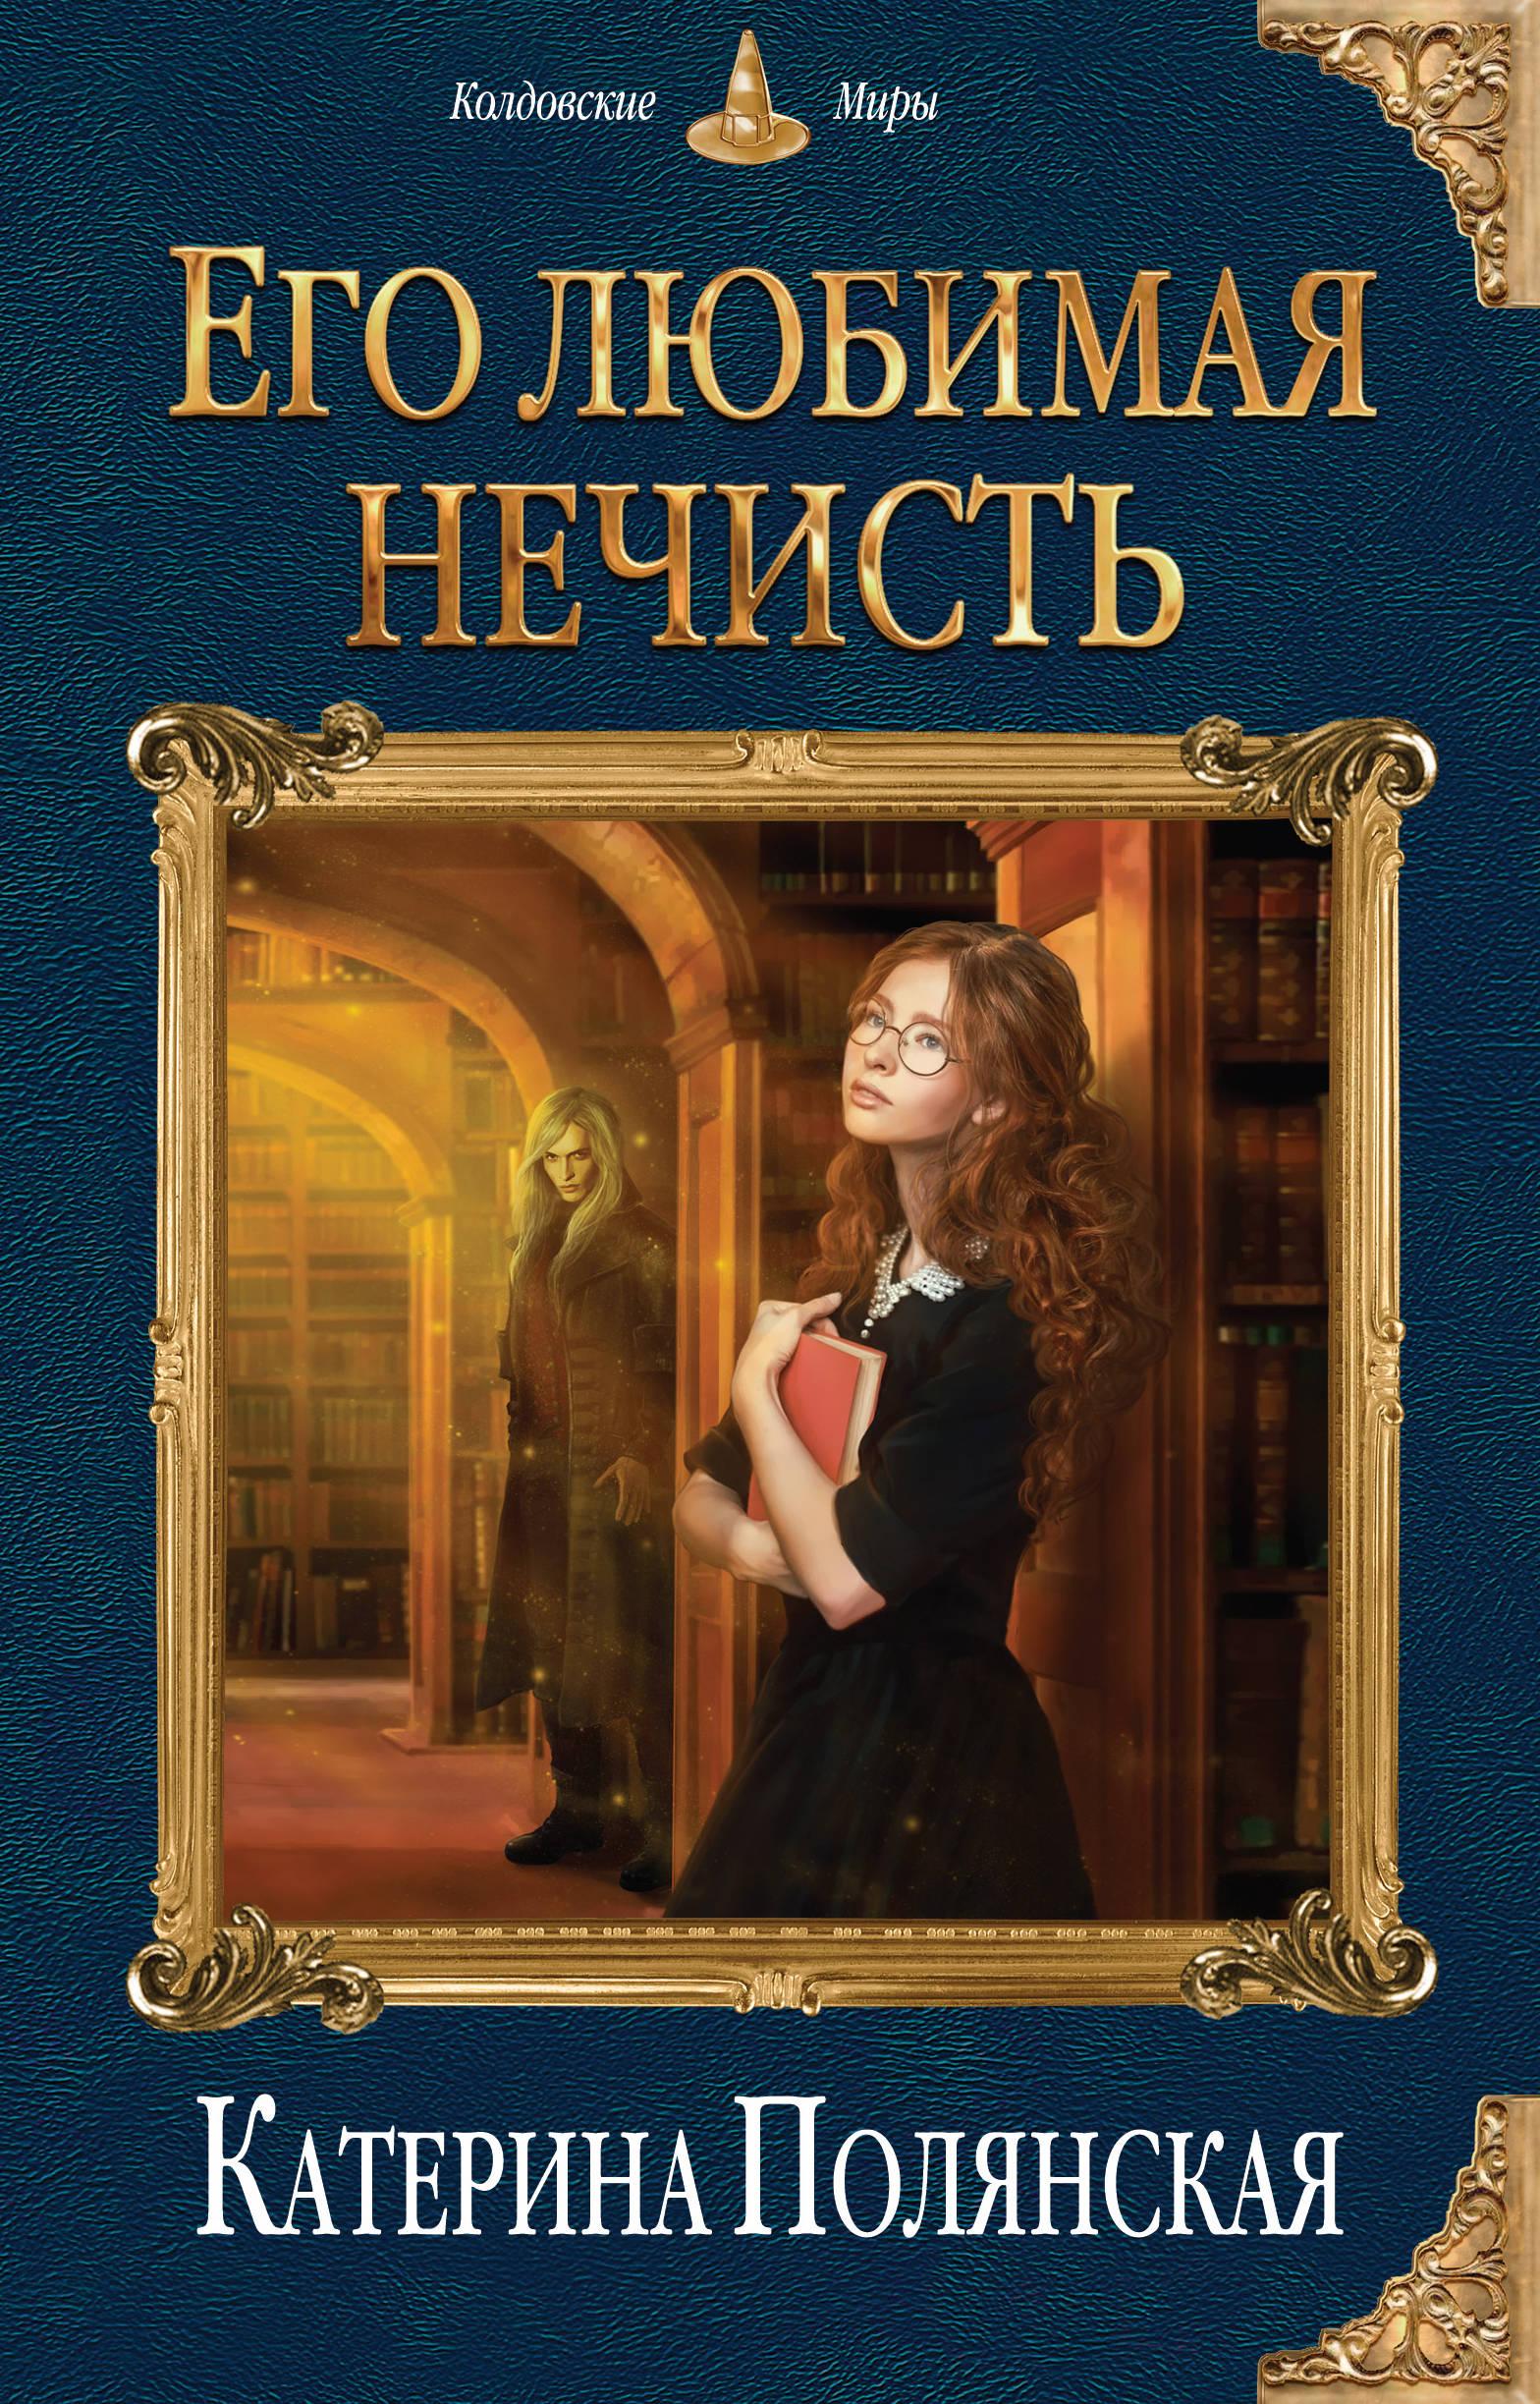 Катерина Полянская Его любимая нечисть